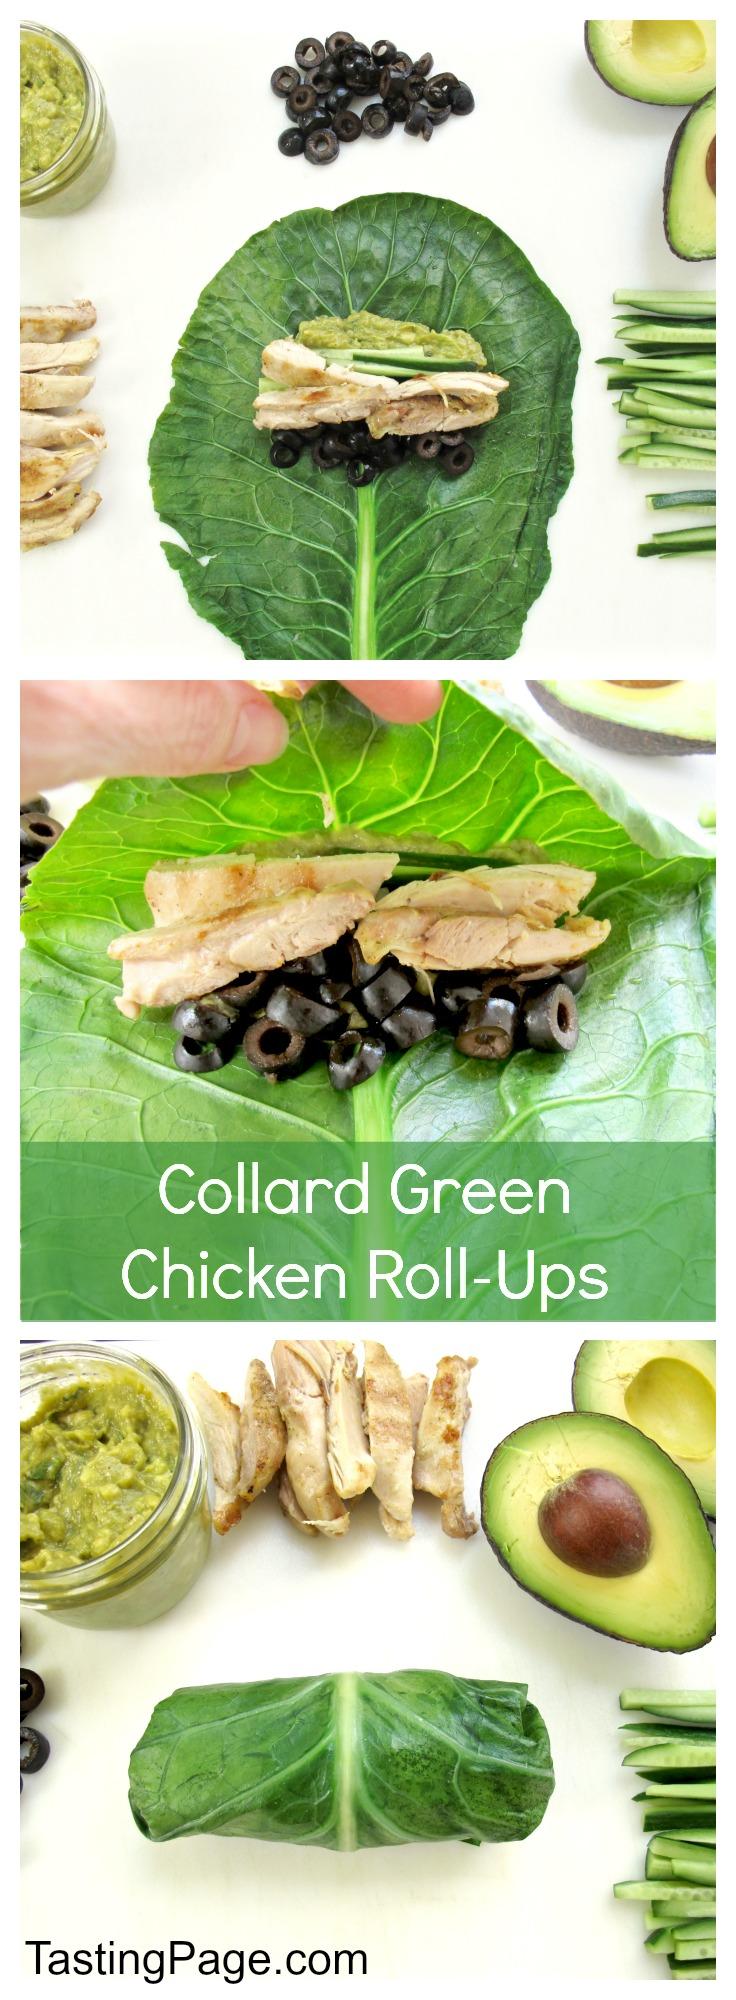 Gluten Free Collard Green Chicken Roll Ups - Tasting Page